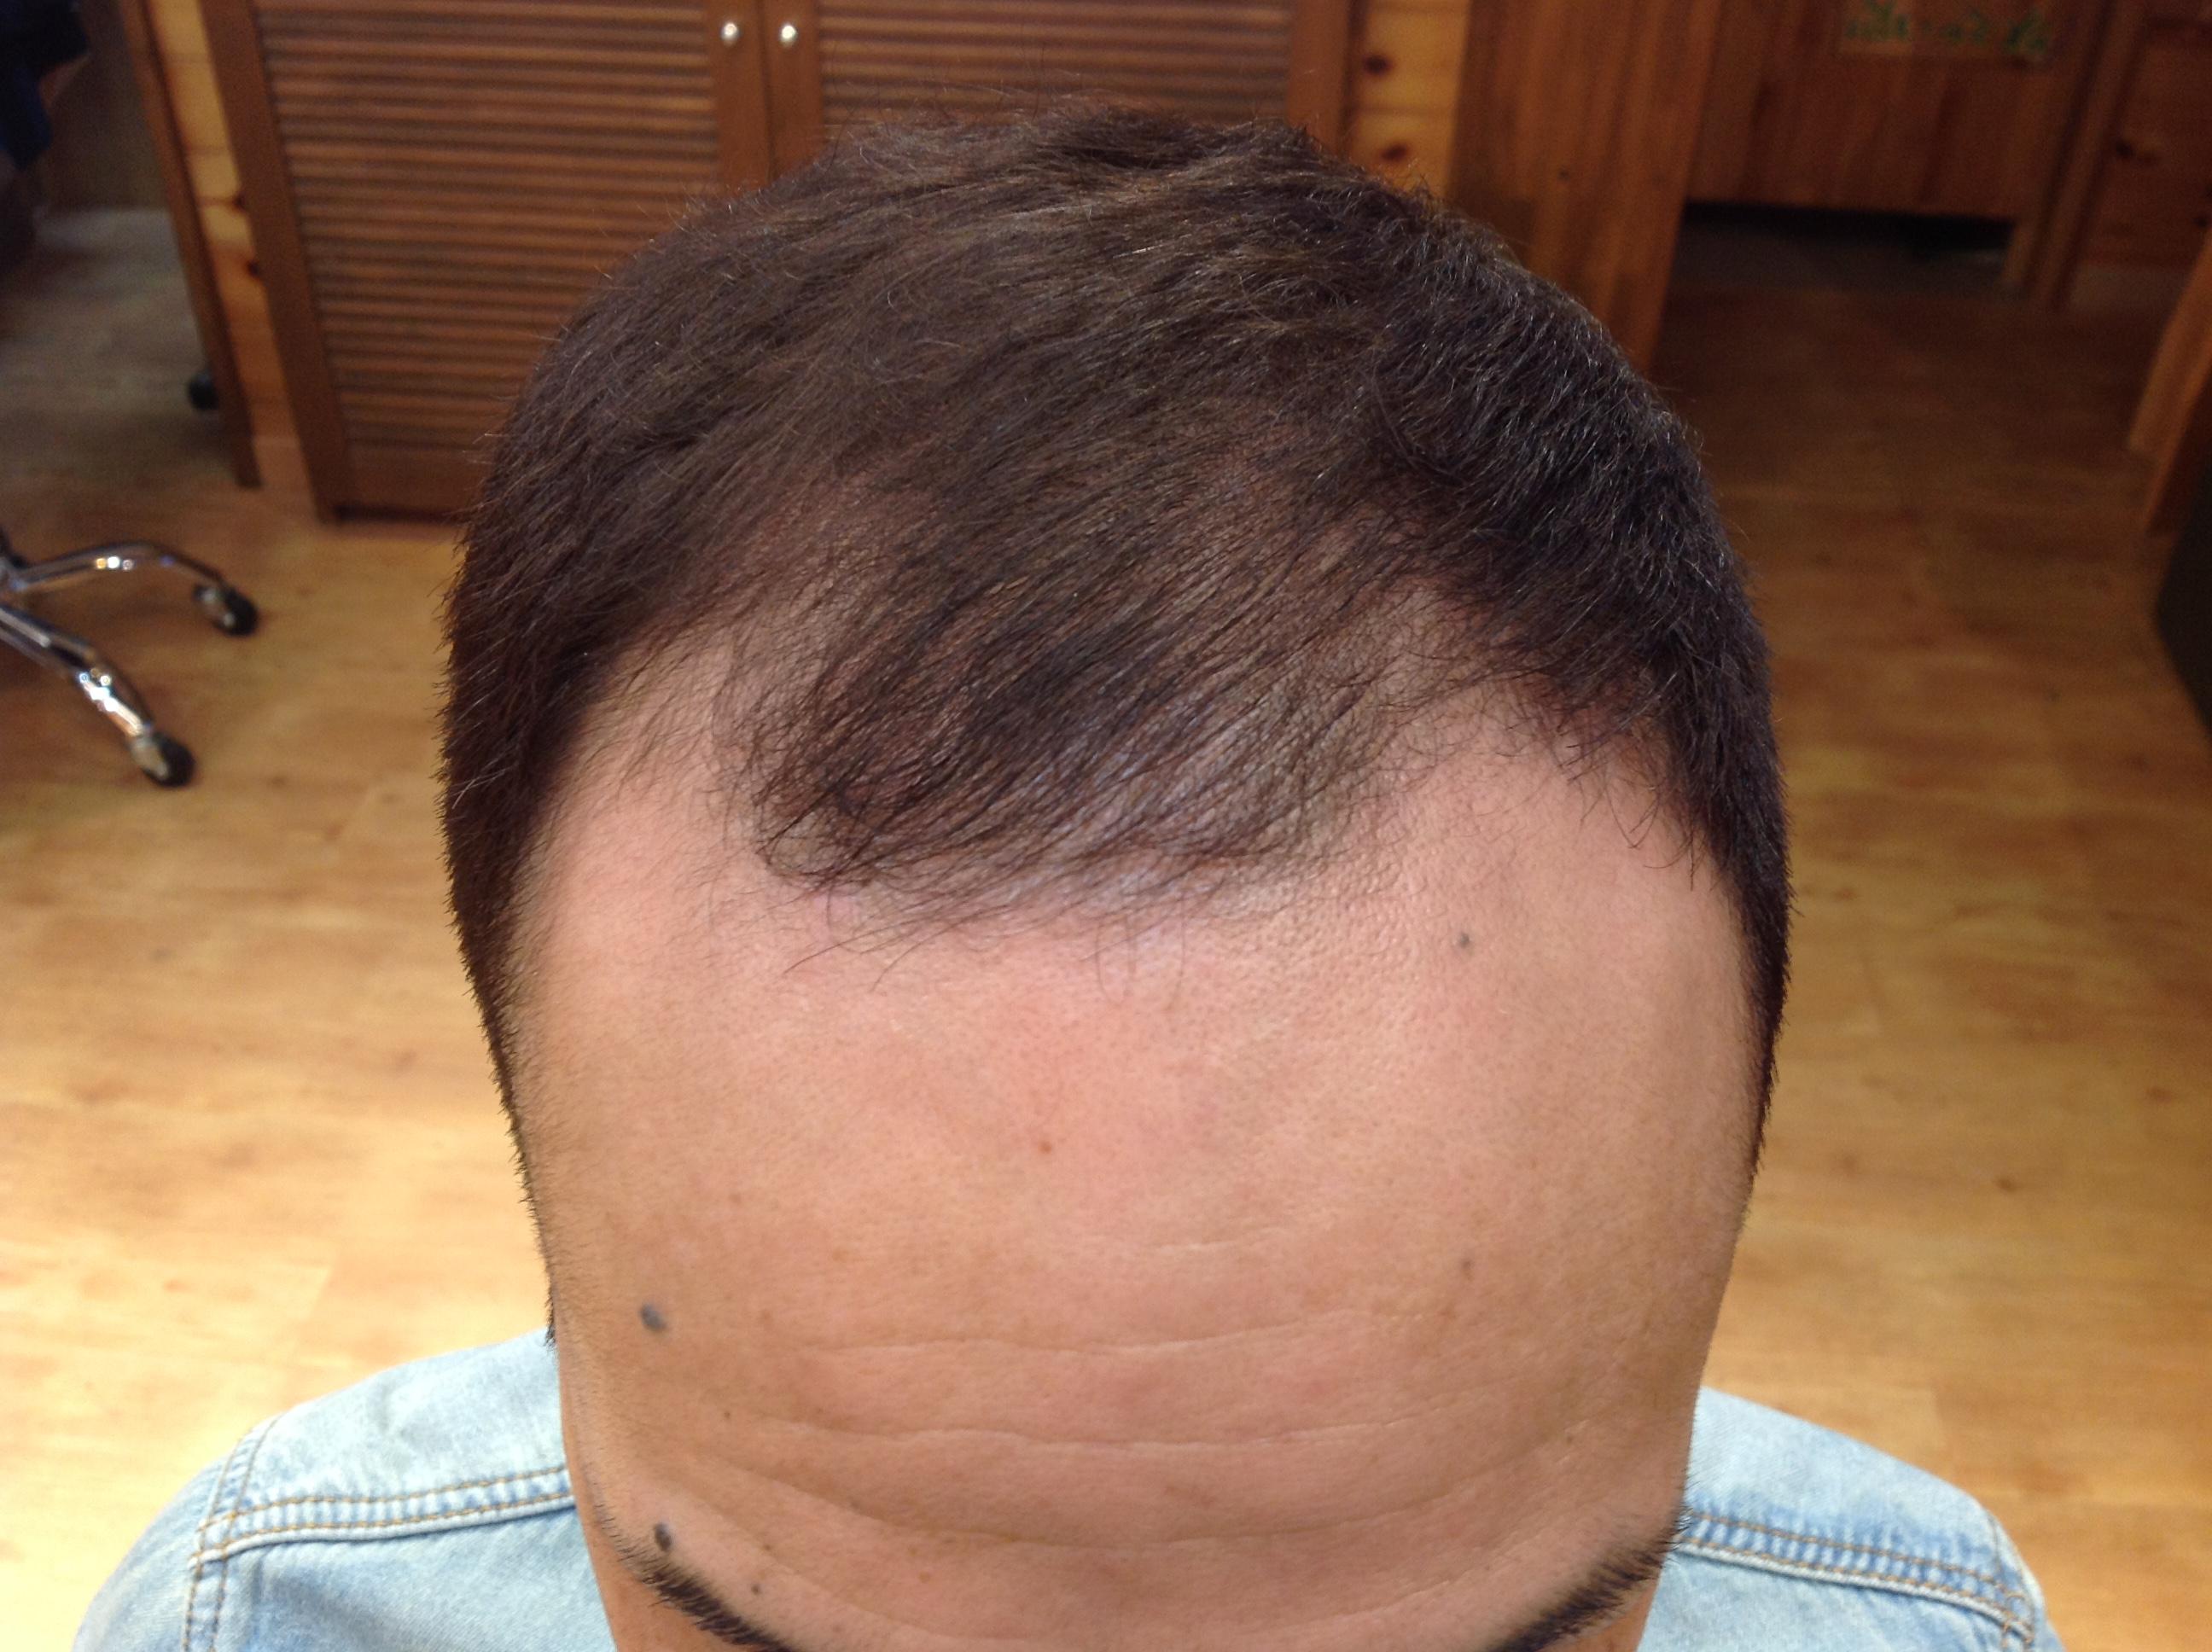 育毛 発毛 AGA 男性型脱毛症 日立 日立市 美容室 美容院 ヘアサロン maru. マル